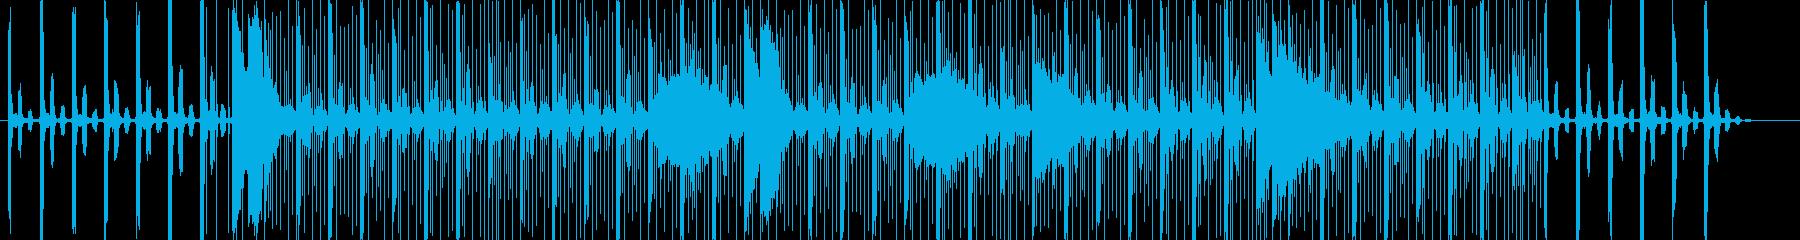 バトルでお洒落テクノハウスな悲しげBGMの再生済みの波形